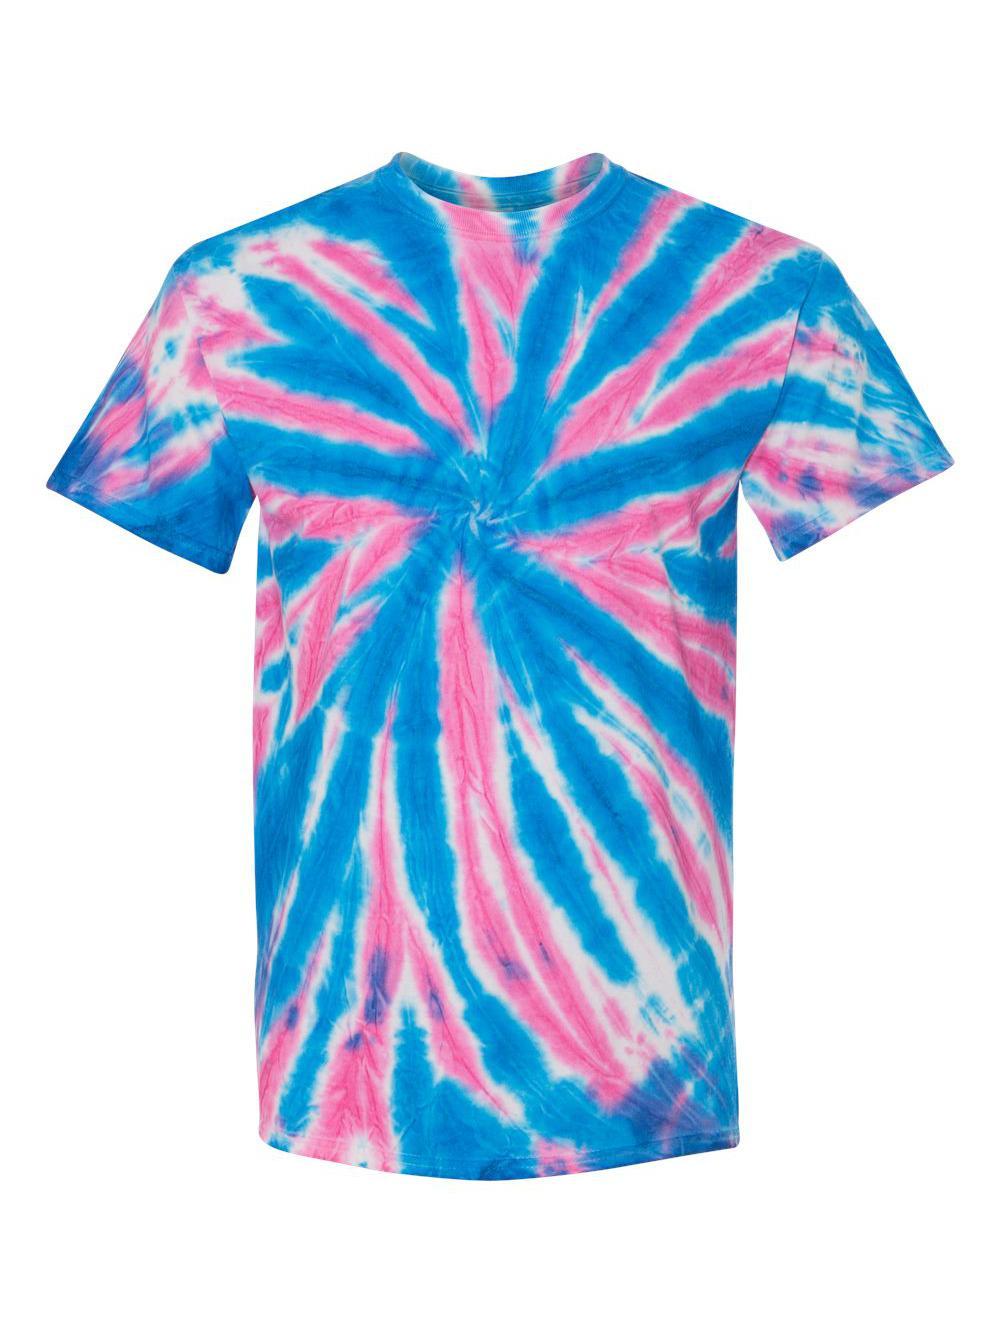 Dyenomite-Glow-in-the-Dark-T-Shirt-200GW thumbnail 9